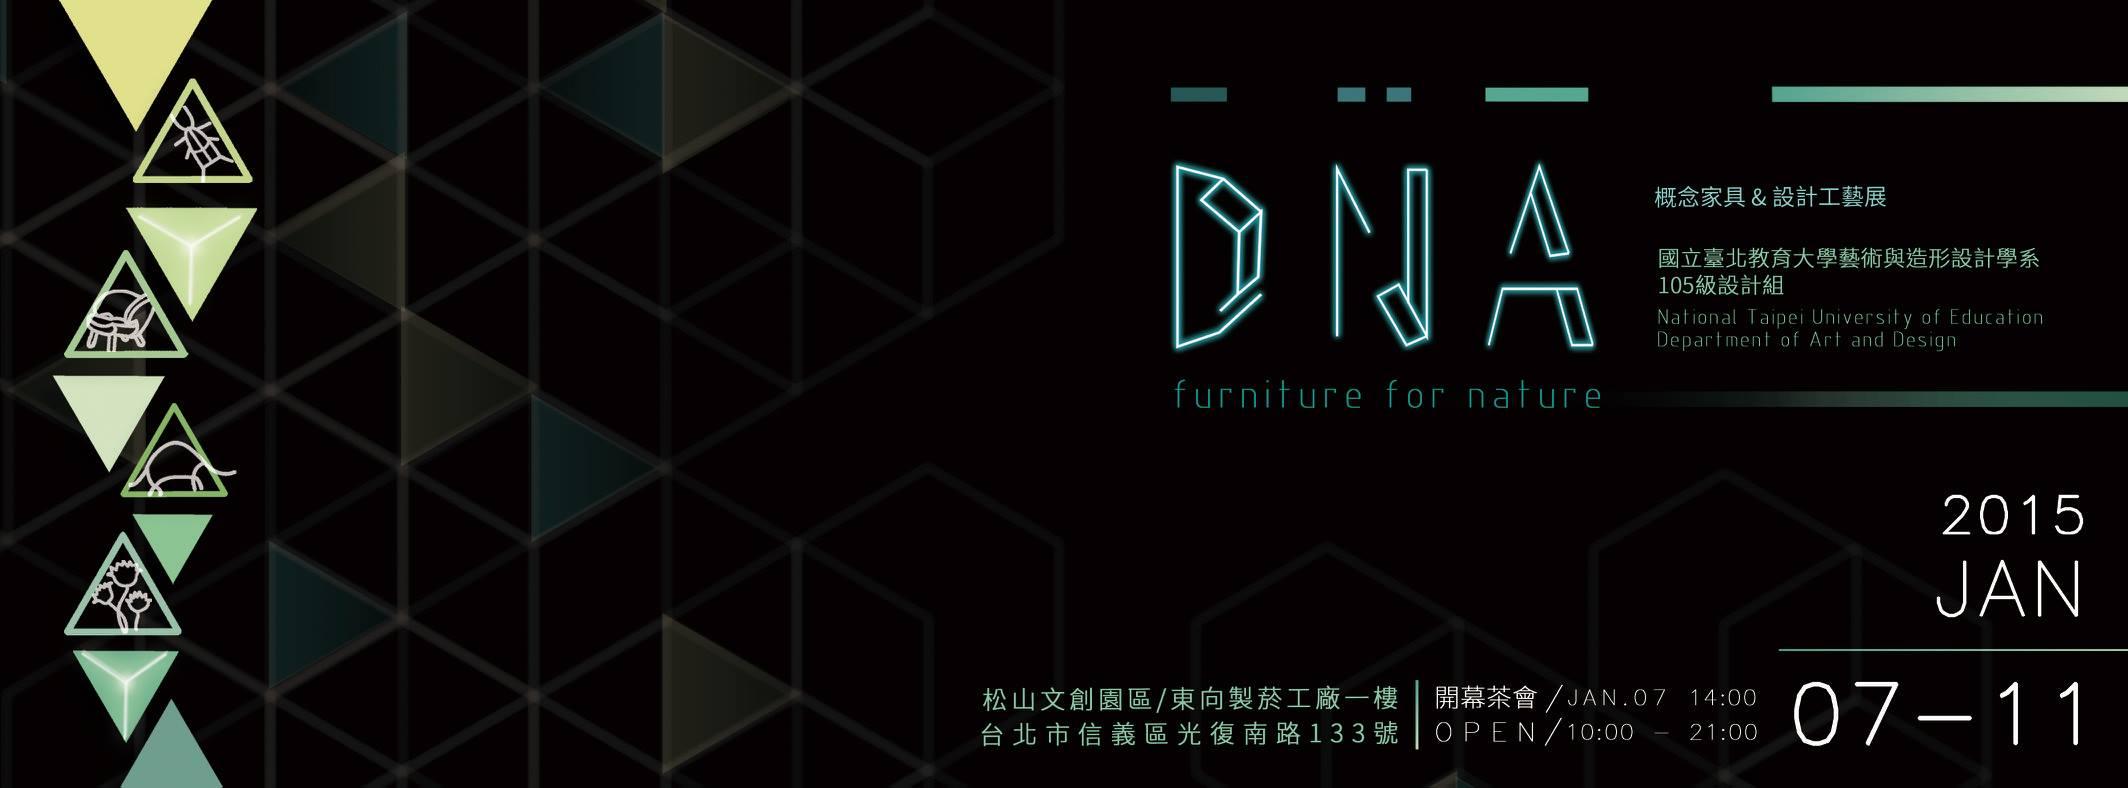 dna 仿生家具&工艺设计展